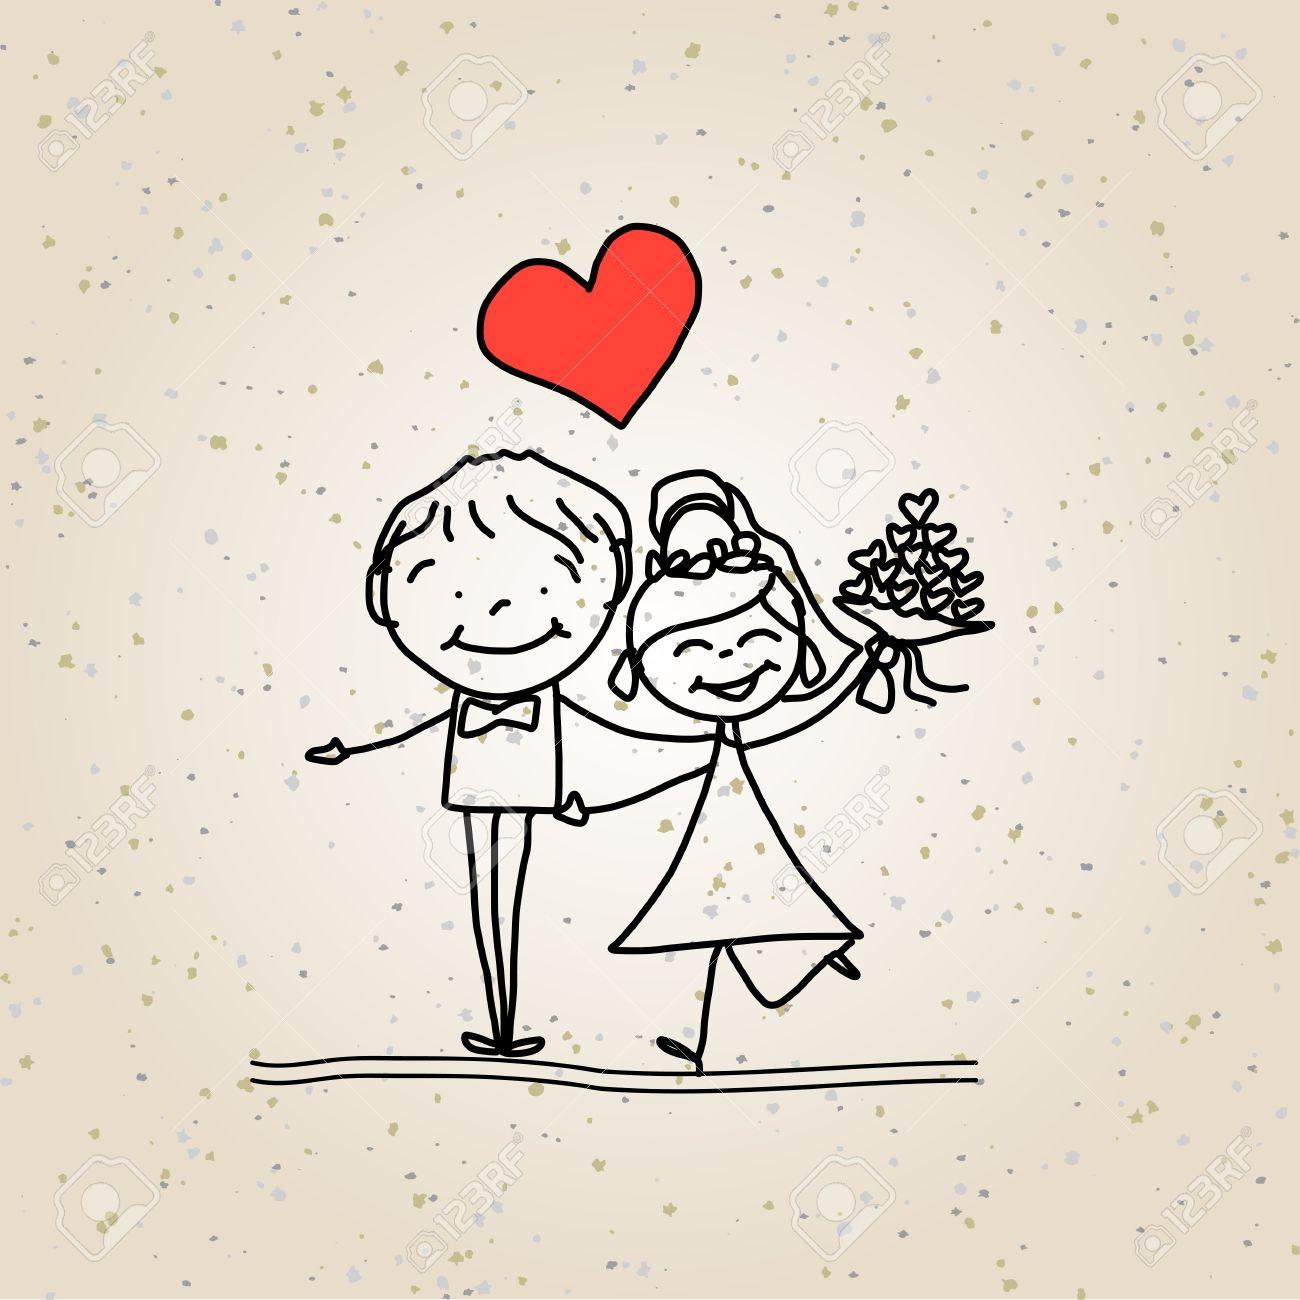 Banque d\u0027images , Main dessin animé de dessin couple heureux mariage